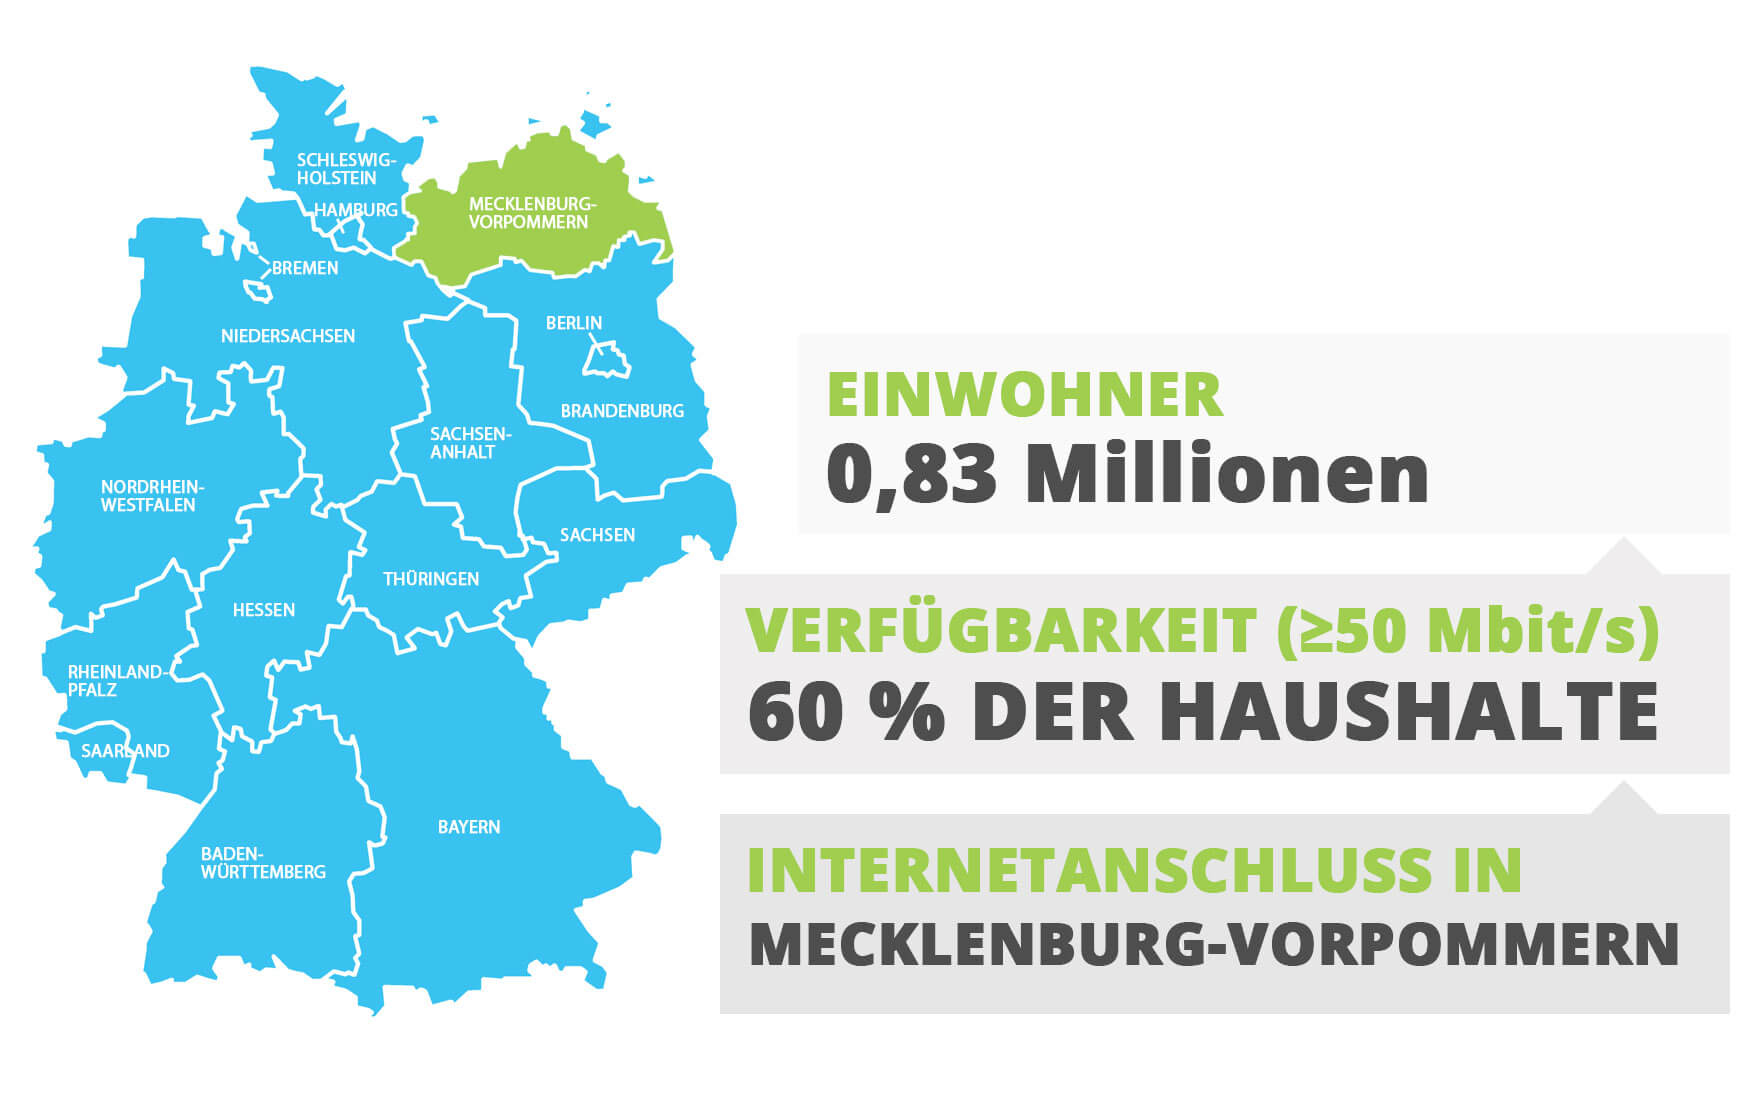 Internetanschluss in Mecklenburg-Vorpommern